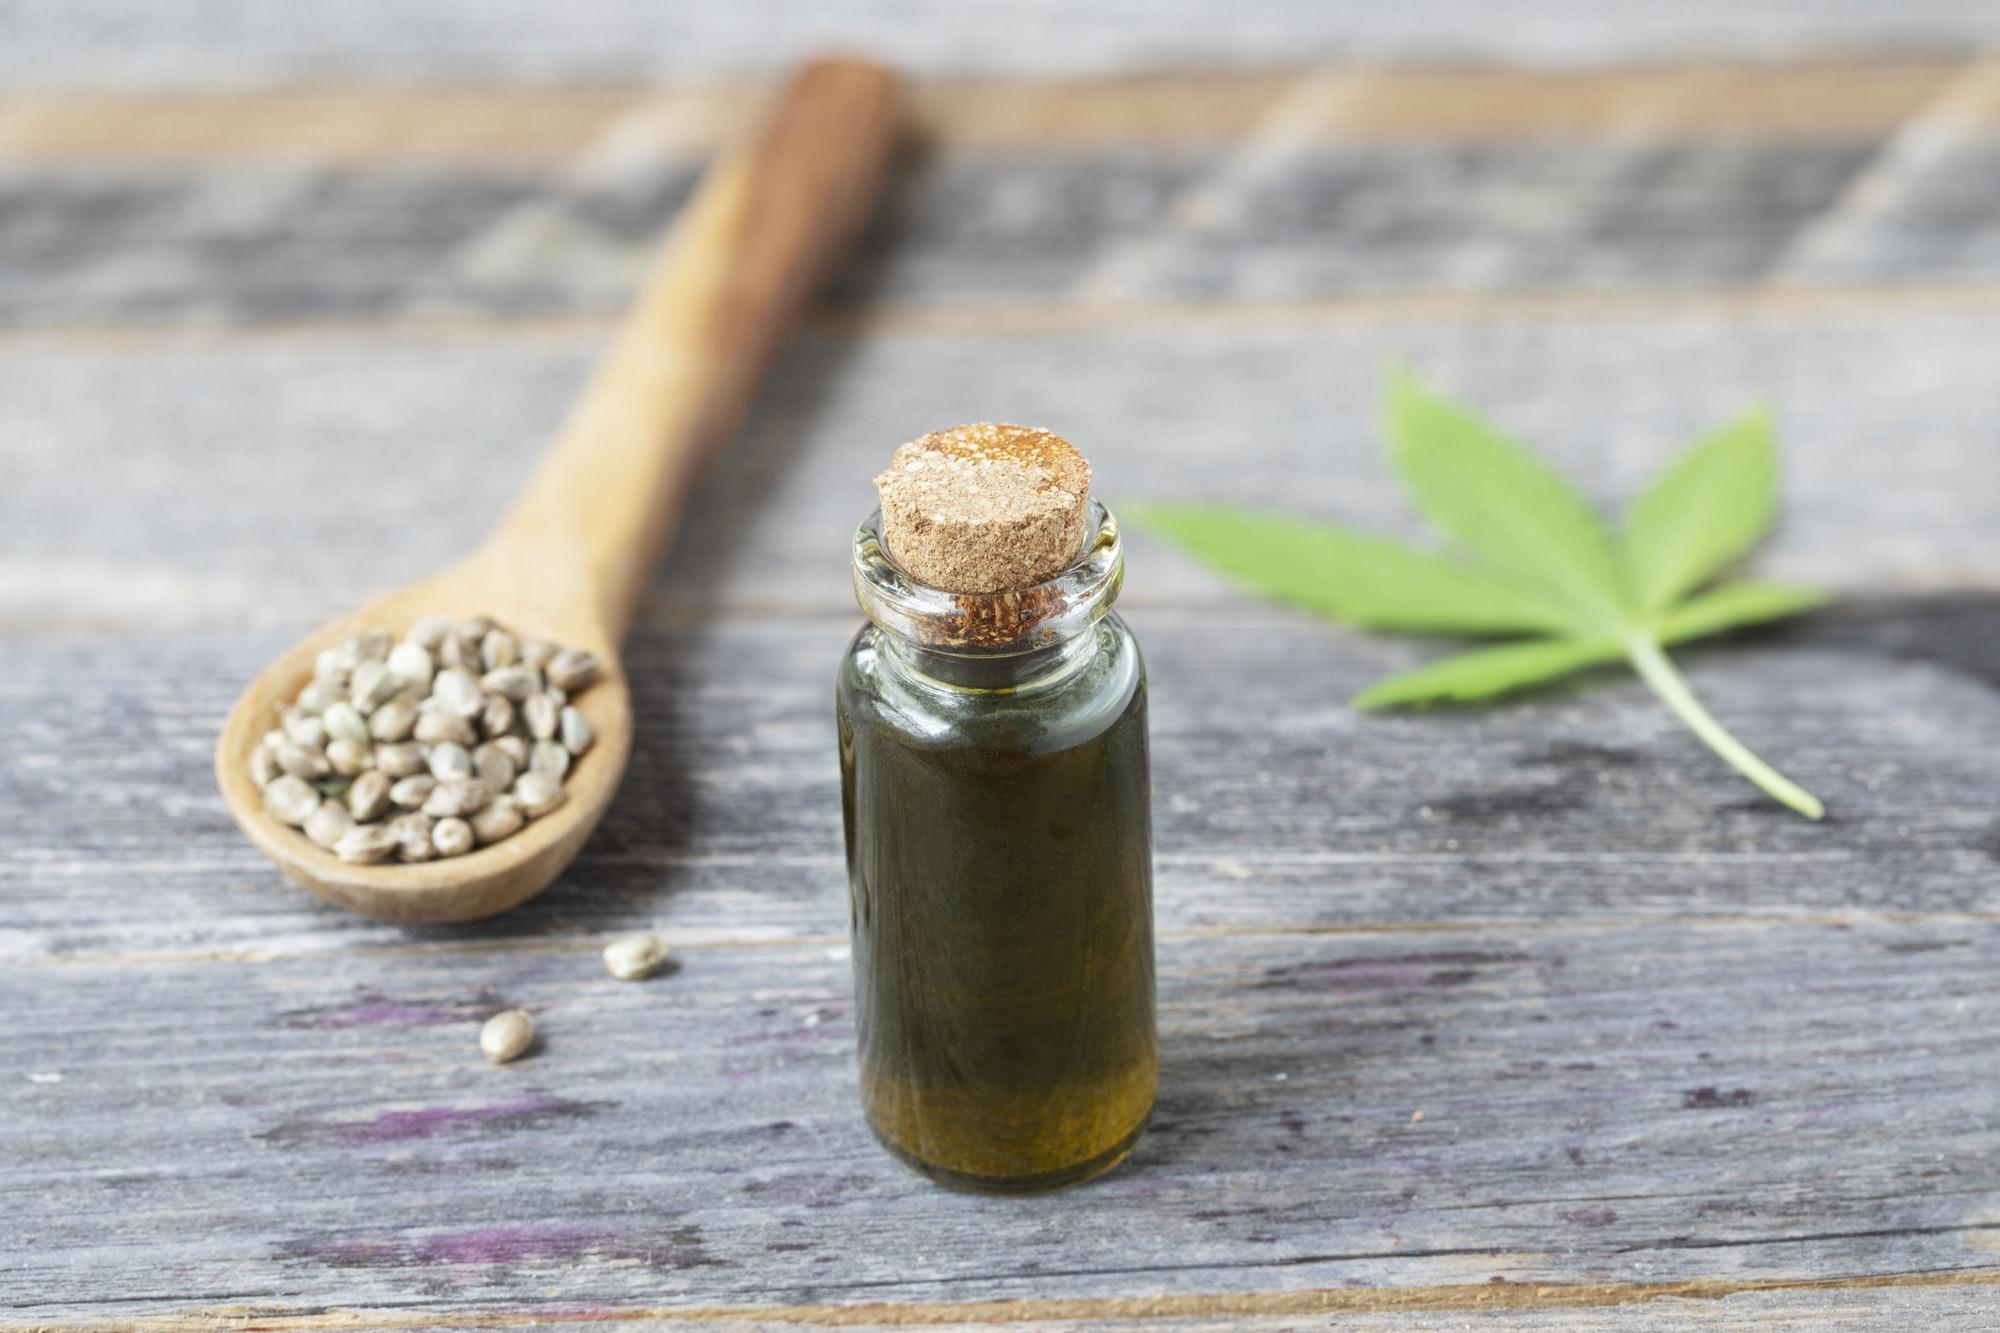 Small Bottle of CBD Oil